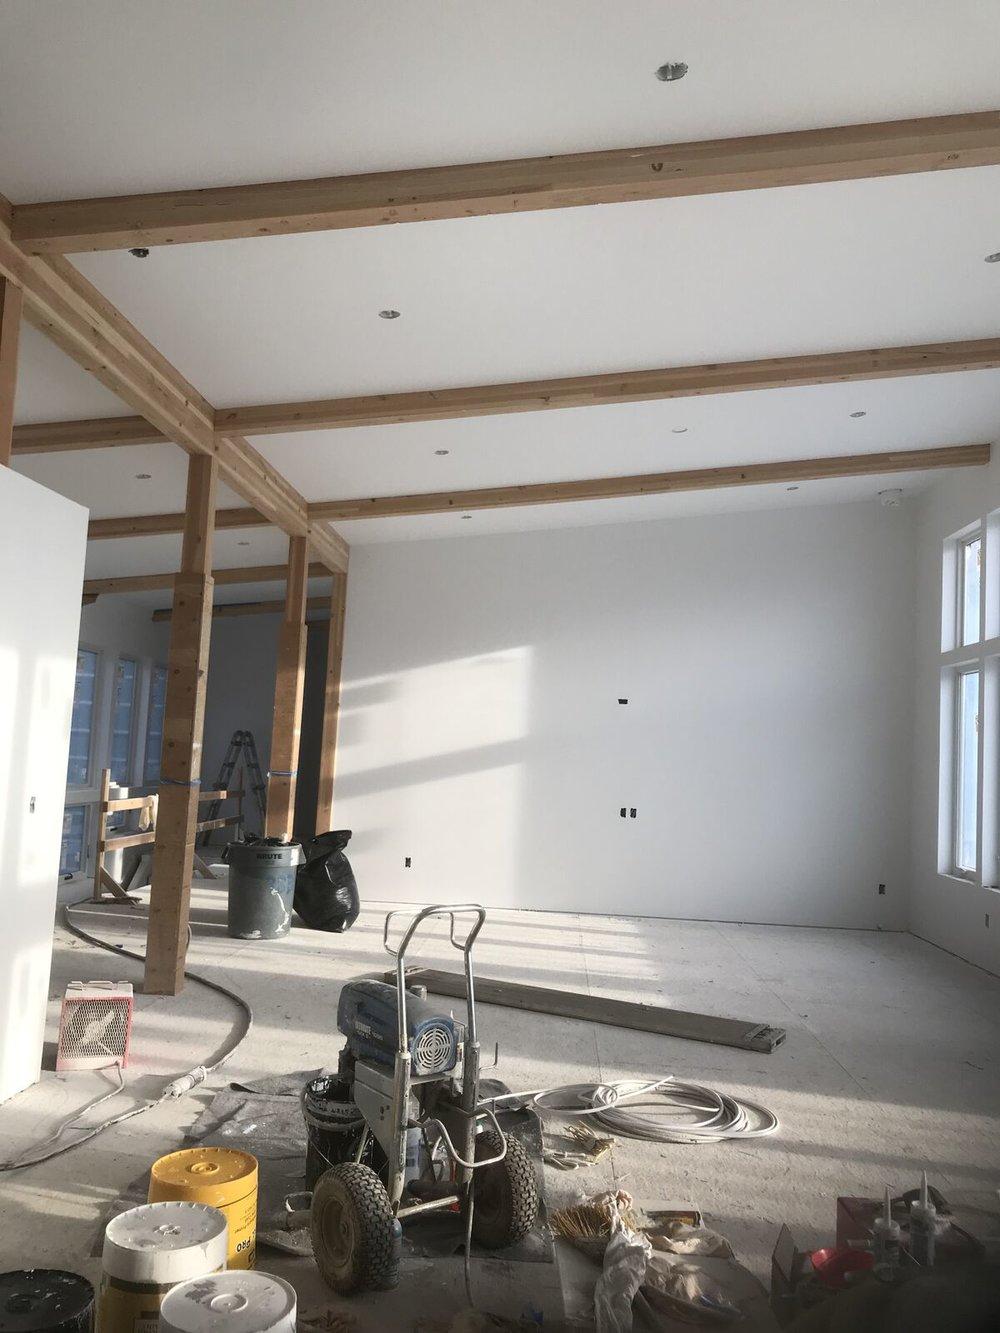 27 interior w drywall.jpeg